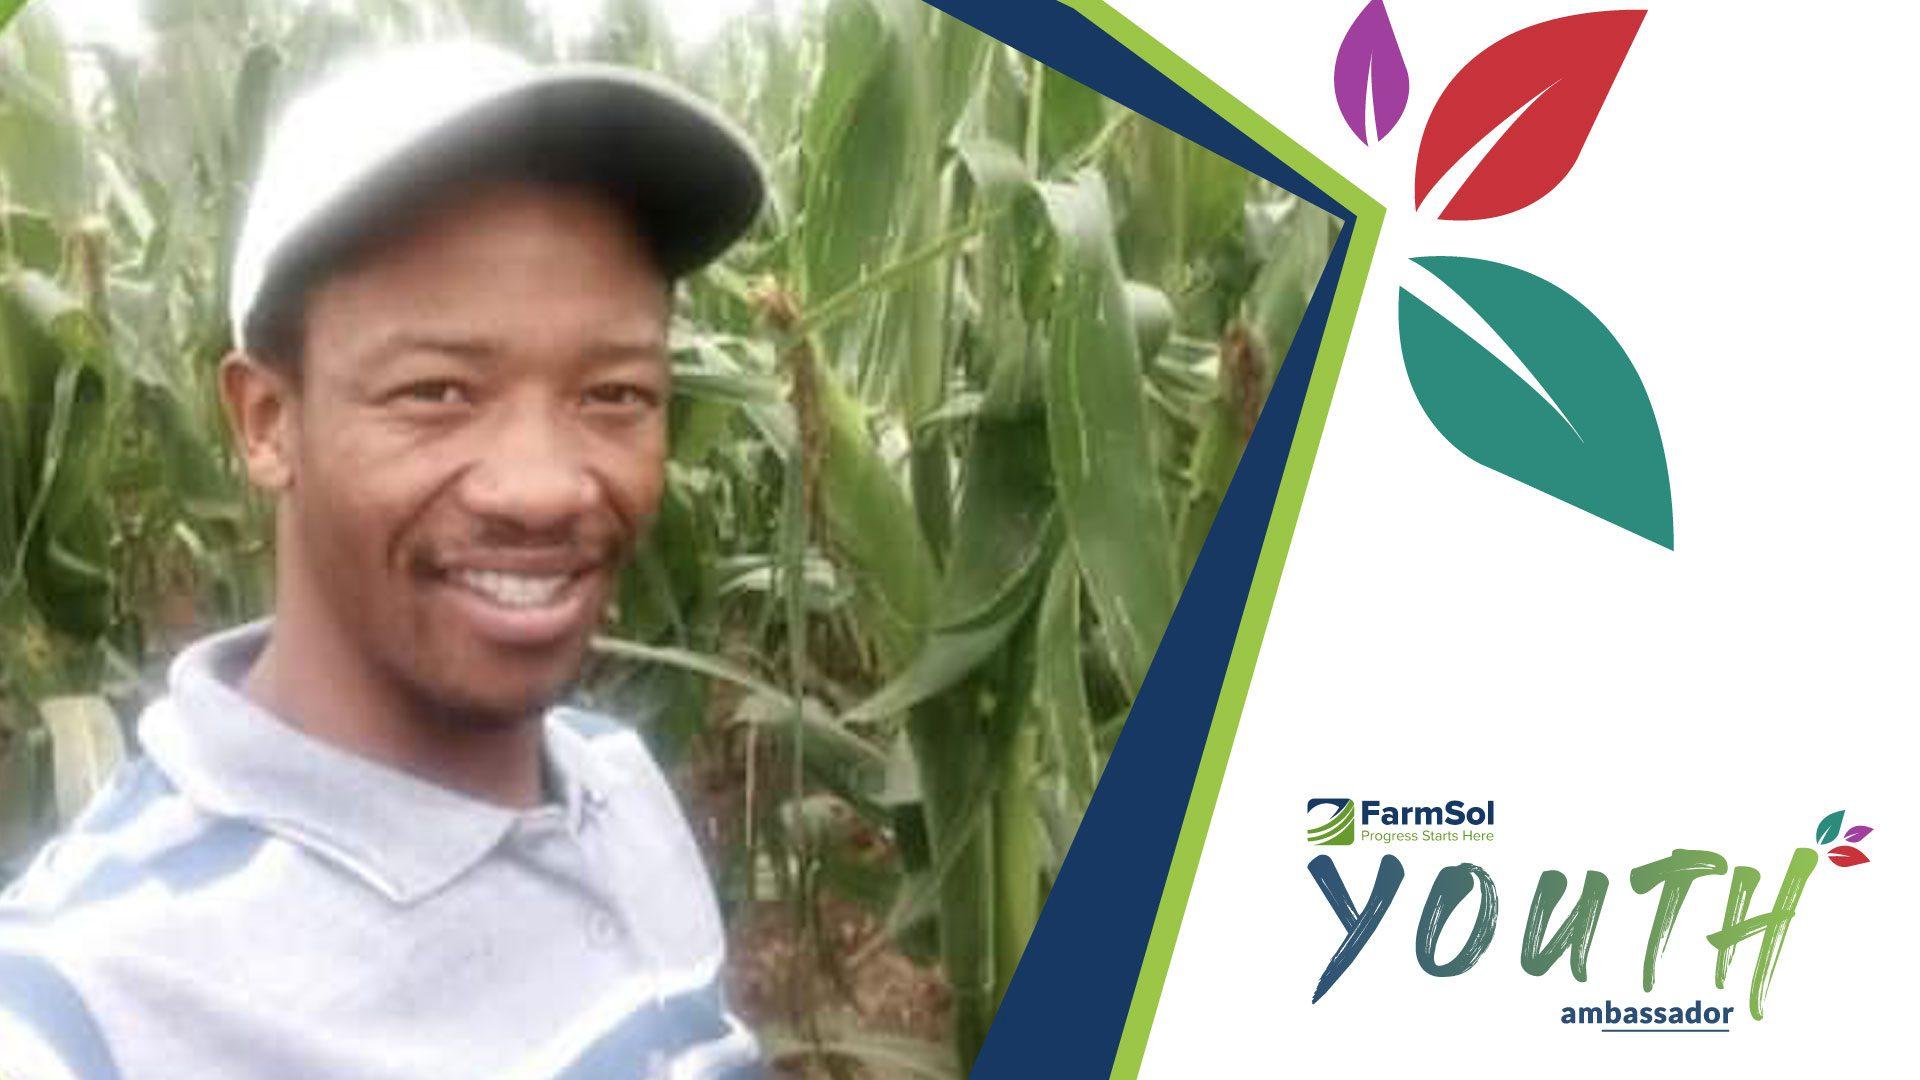 maize farmer Hudson Dhladhla